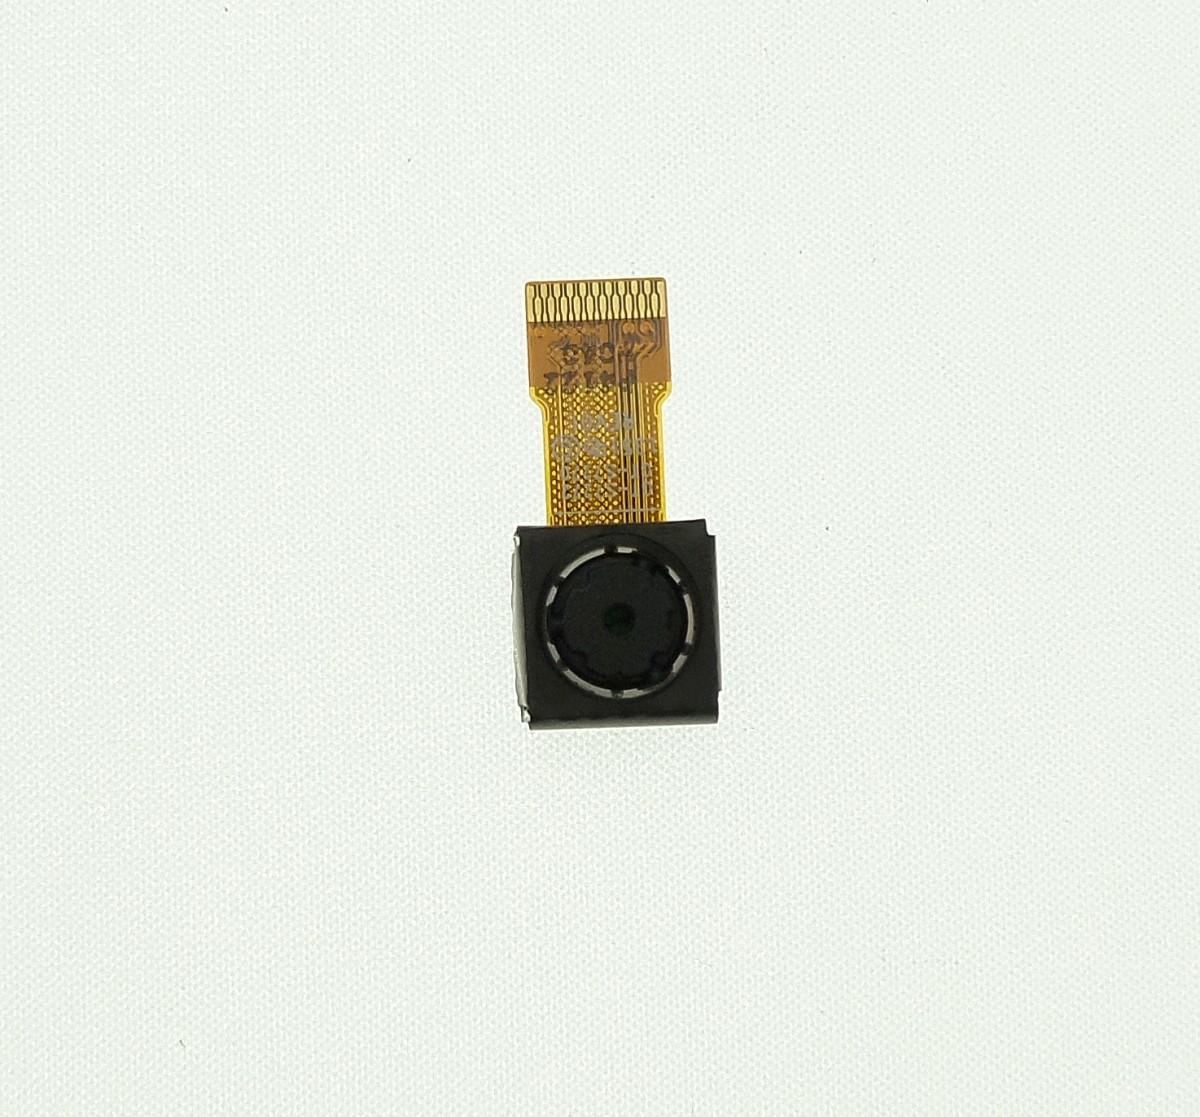 Camera principale Samsung Galaxy Ace 3 S7572 S7275r